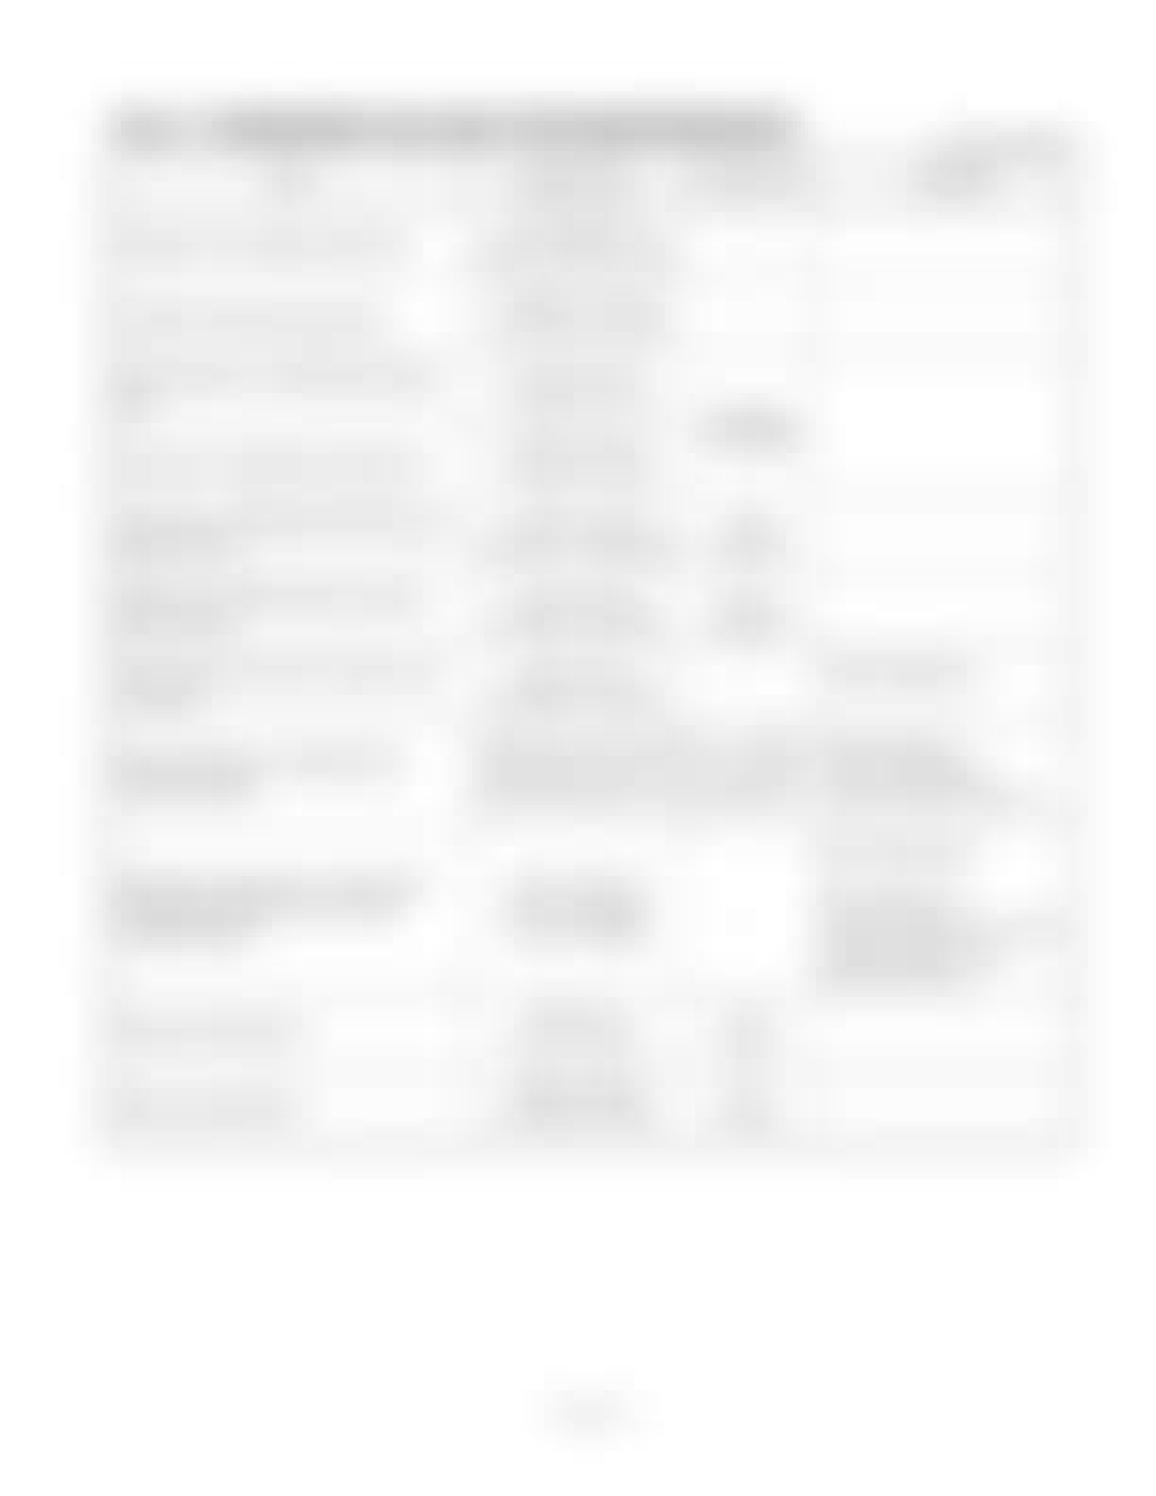 Hitachi LX110-7 LX130-7 LX160-7 LX190-7 LX230-7 Wheel Loader Workshop Manual - PDF DOWNLOAD page 185